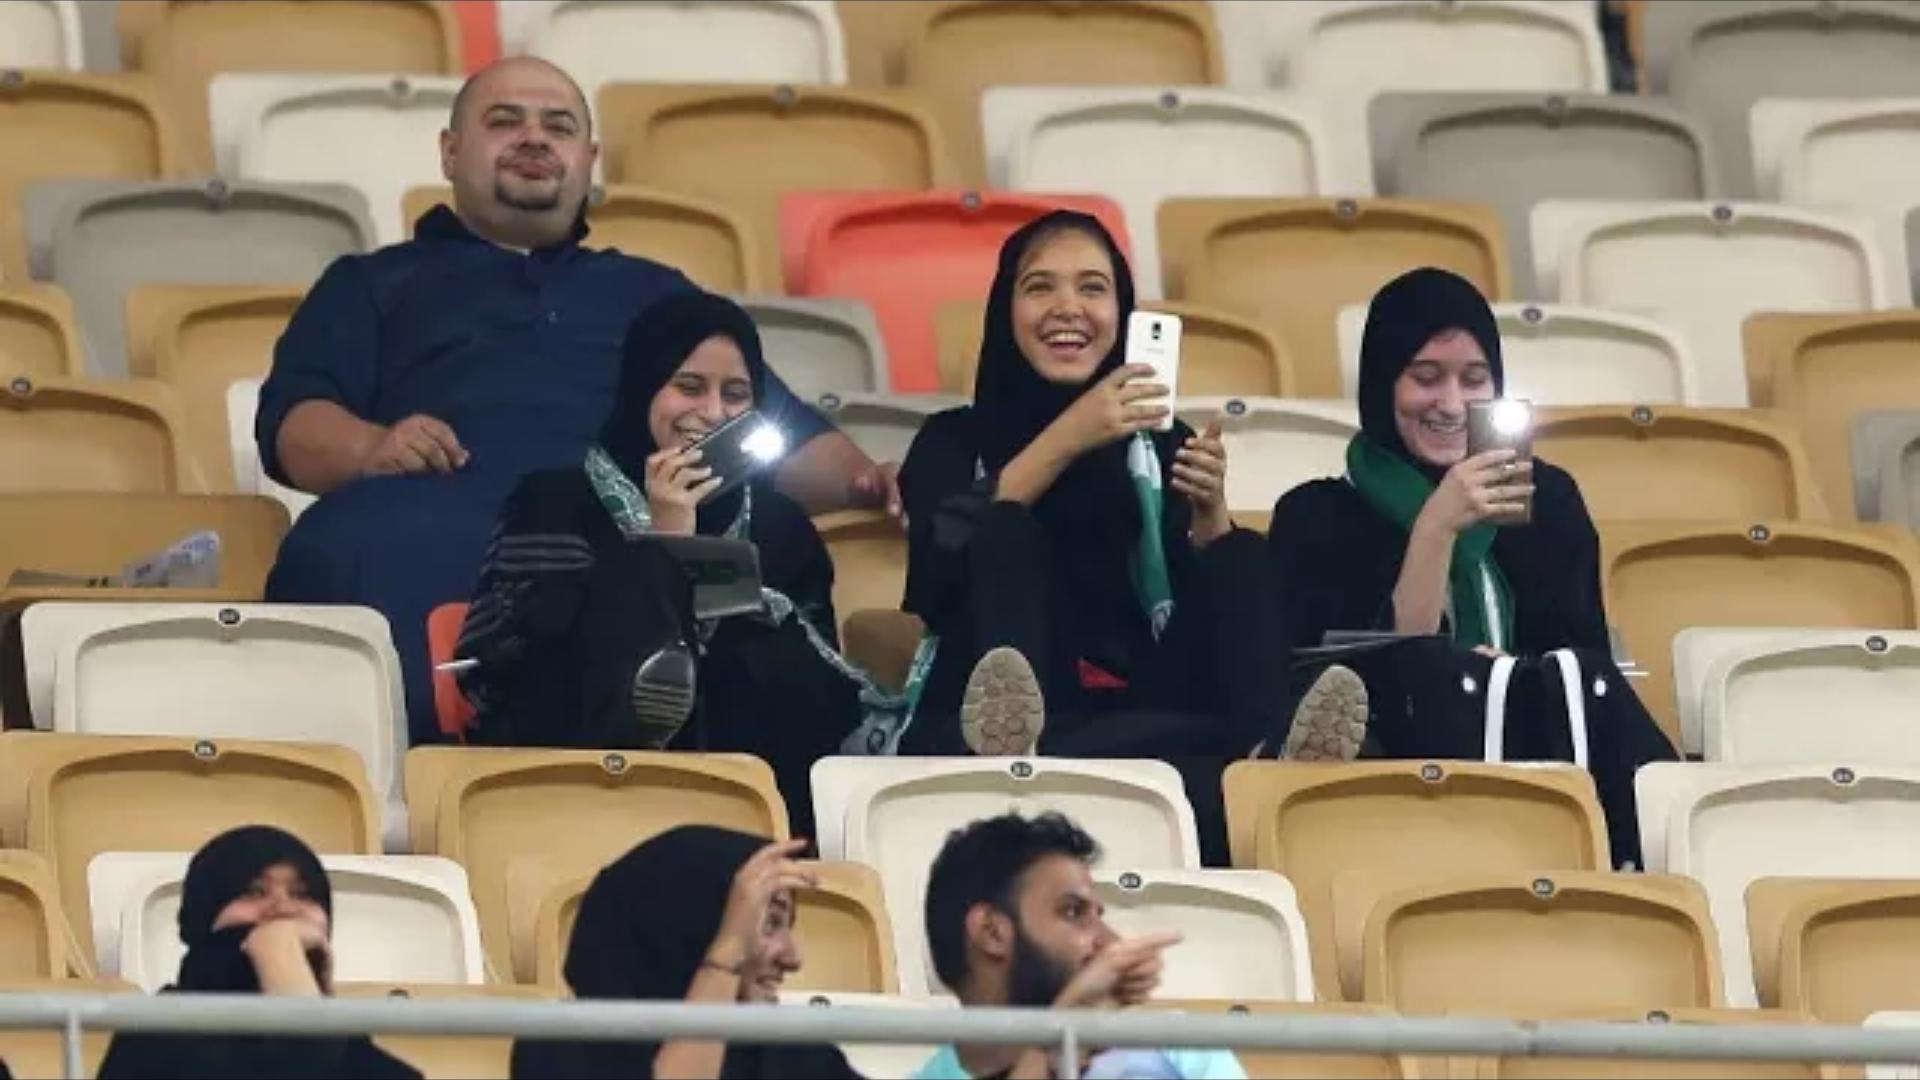 مشجعات سعوديات يلجن ملاعب كرة القدم للمرة الأولى في تاريخ المملكة